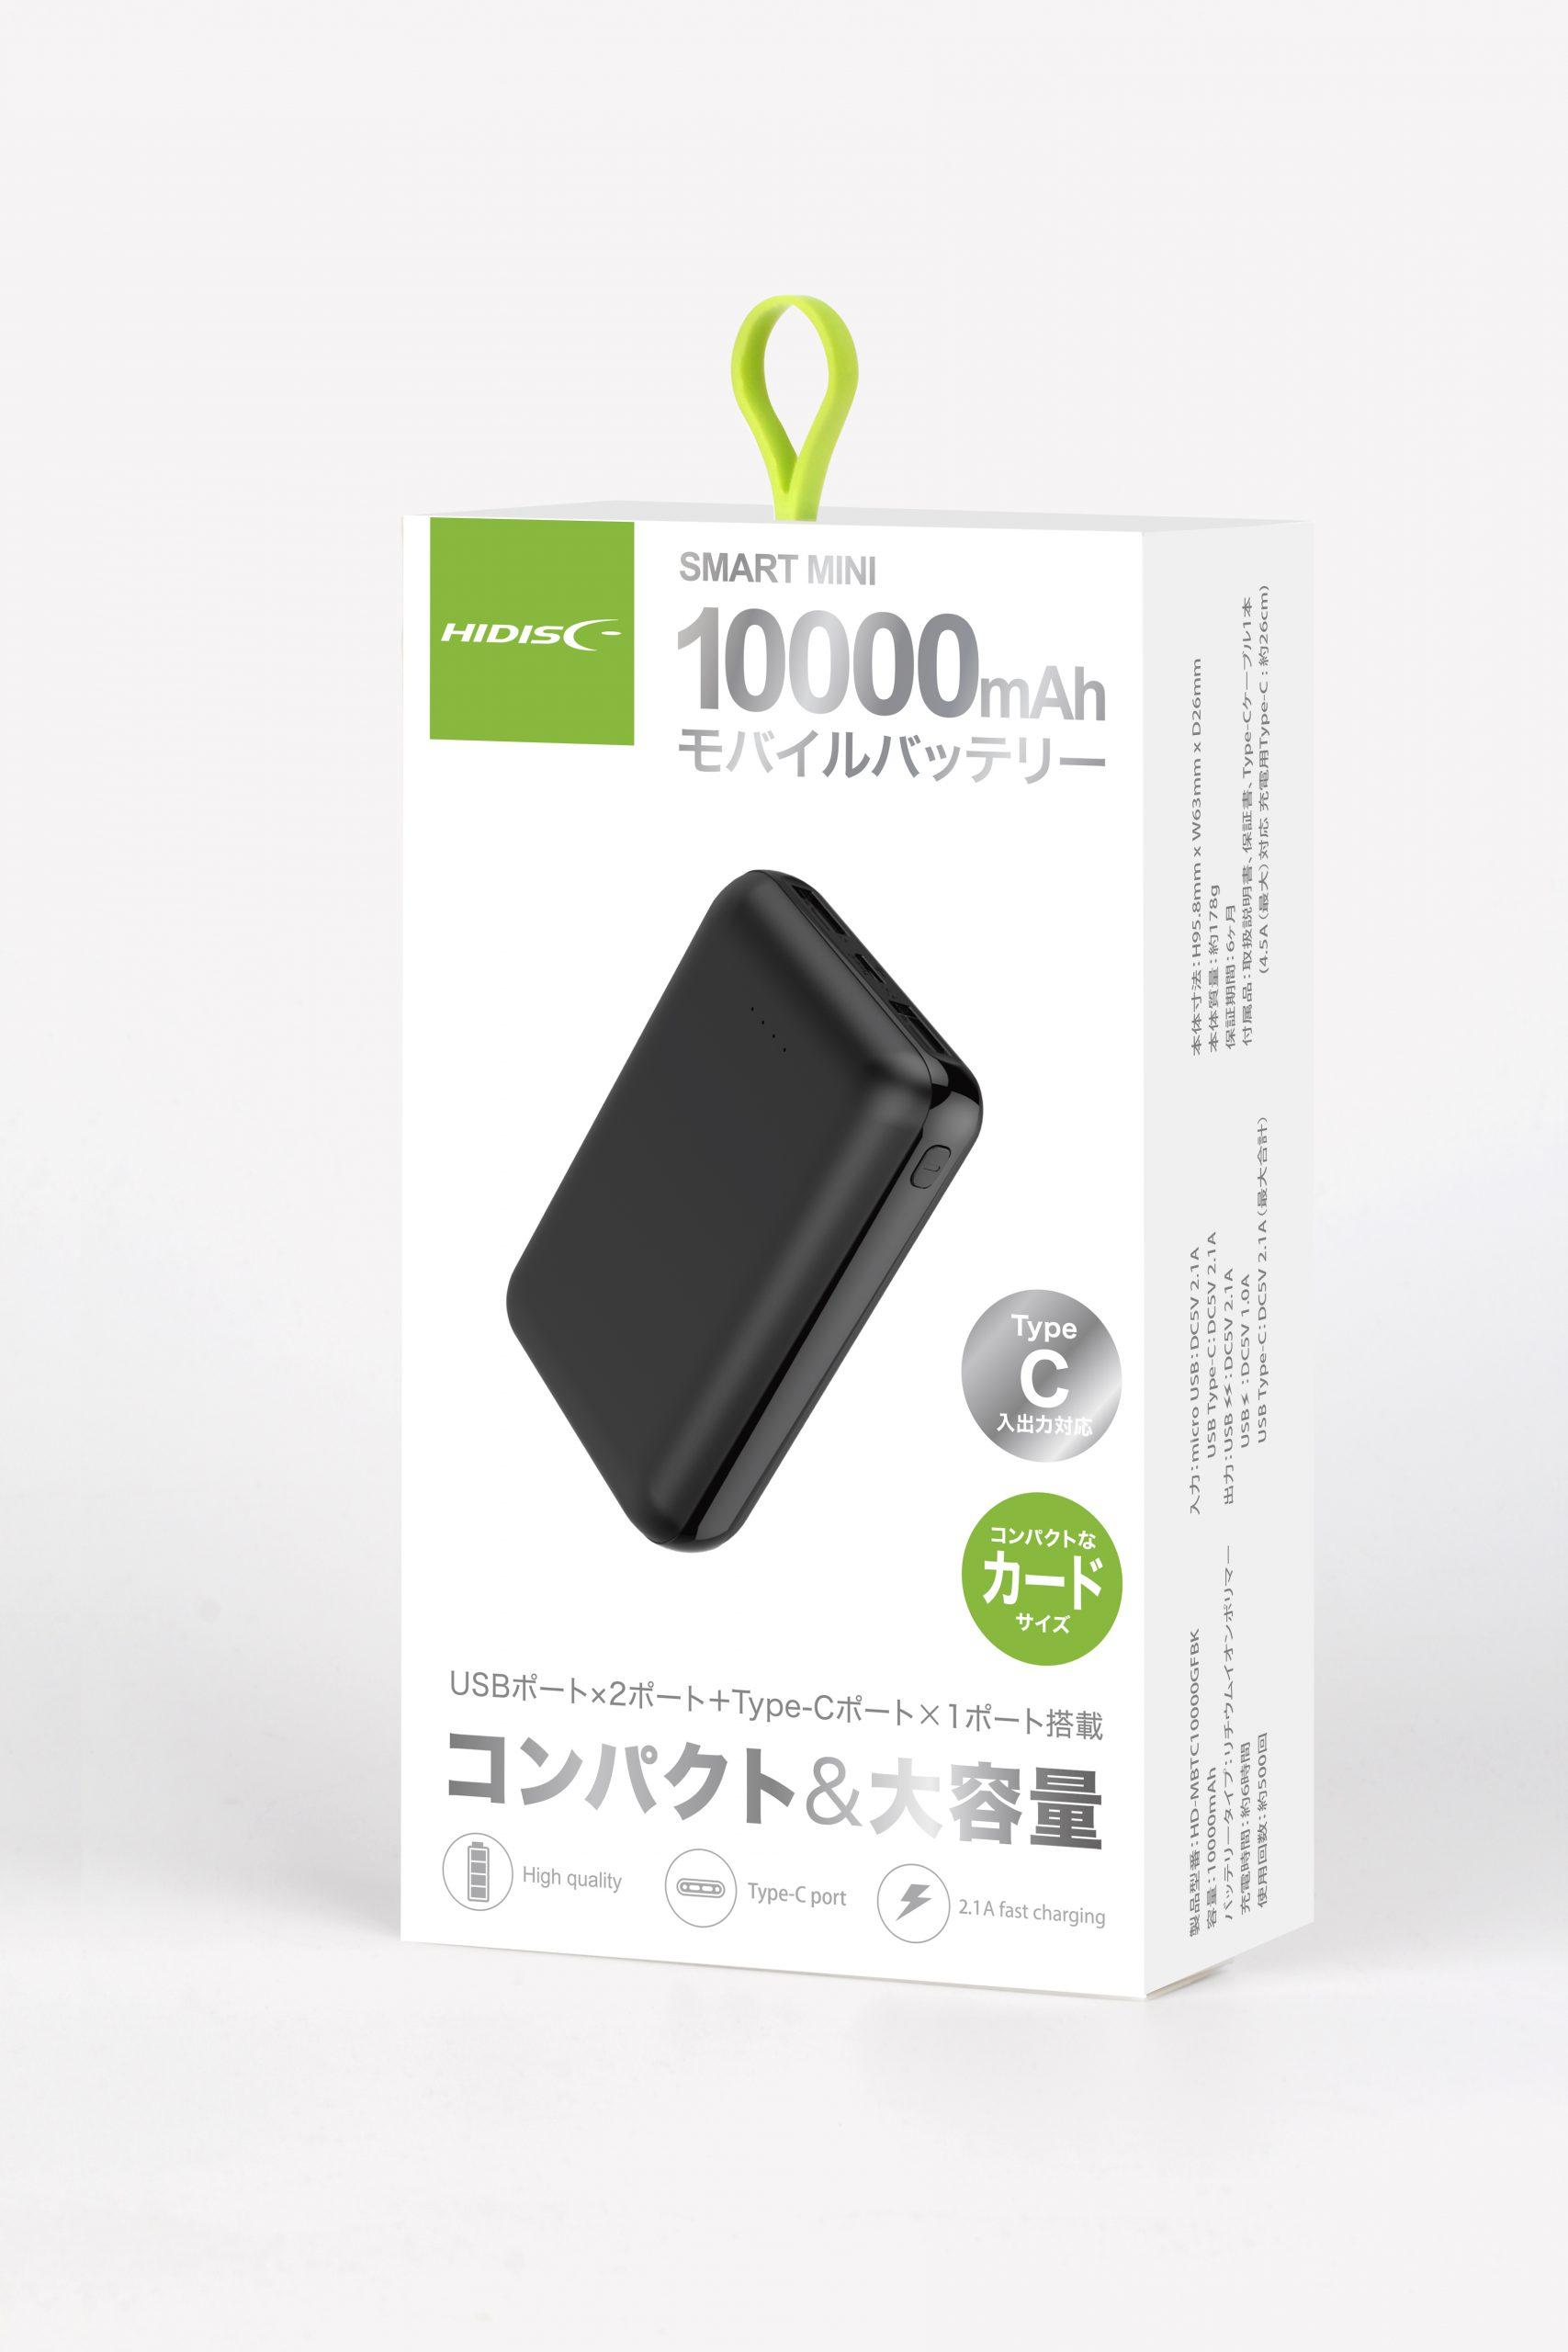 HIDISC SMART MINI Type-C入出力対応モバイルバッテリー10000mAh ブラック HD-MBTC10000GFBK